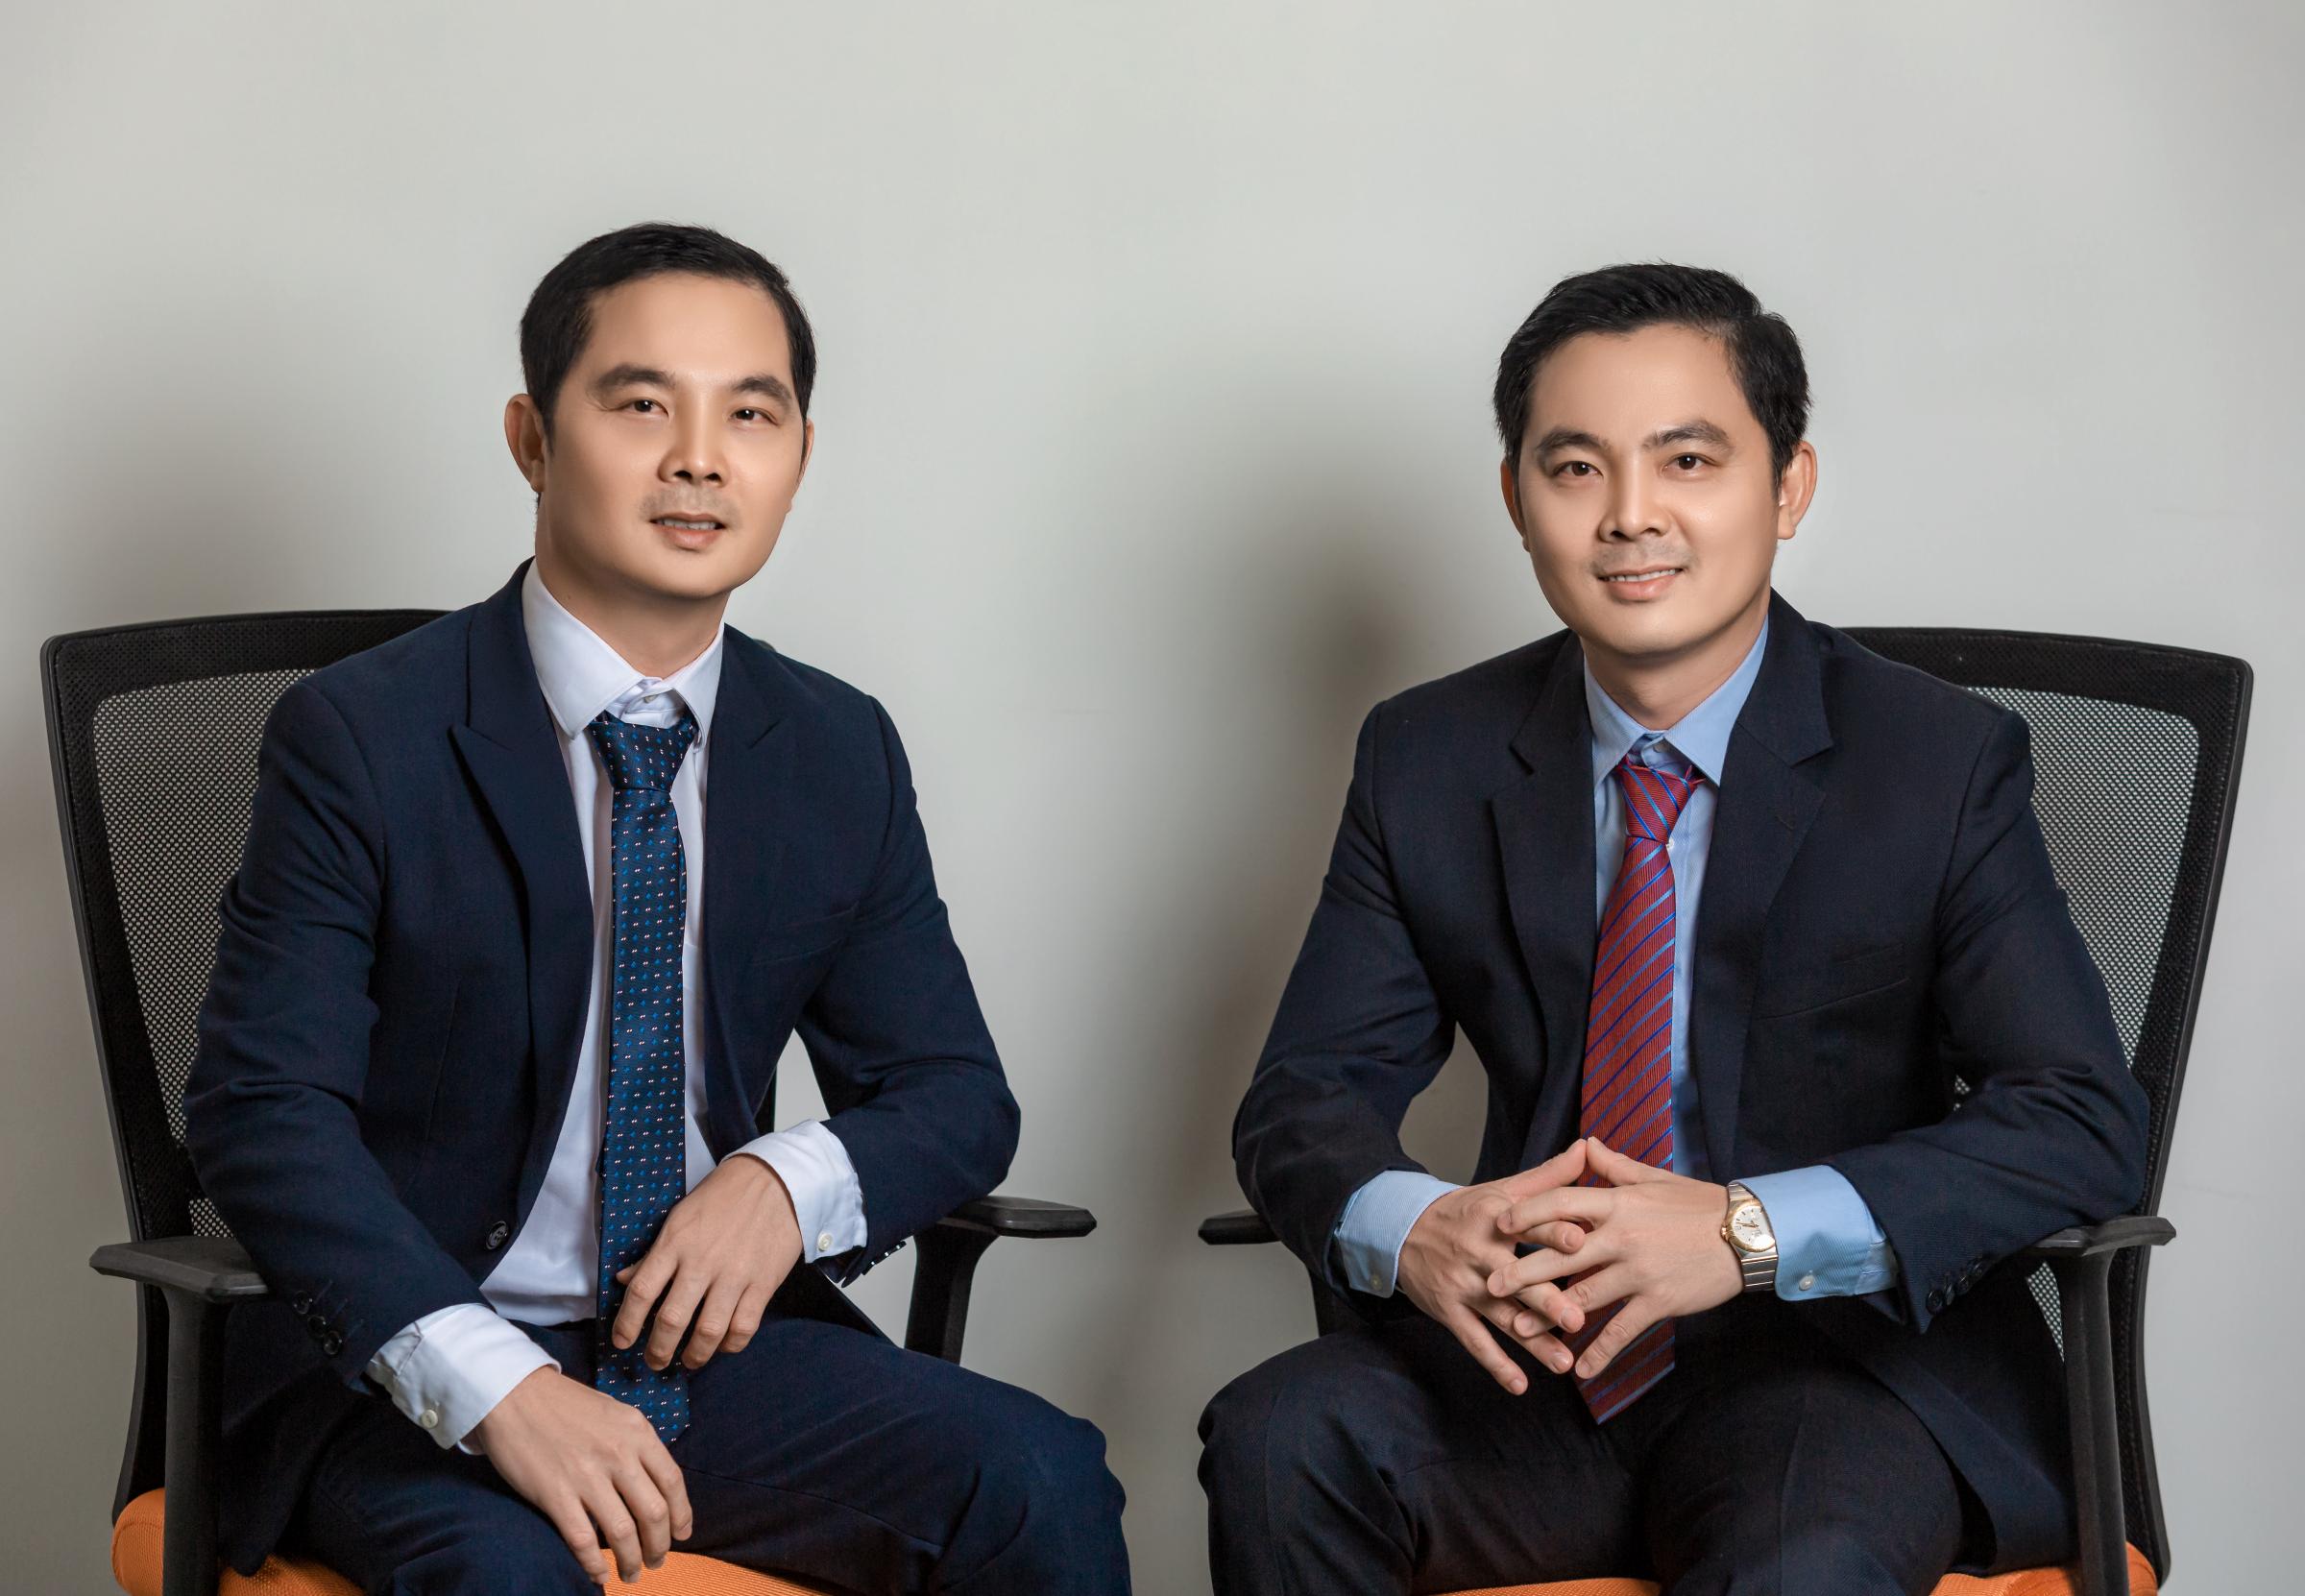 Phan Thanh Vinh và Phan Thanh Long, hai nhà đồng sáng lập MFast. Ảnh: NVCC.